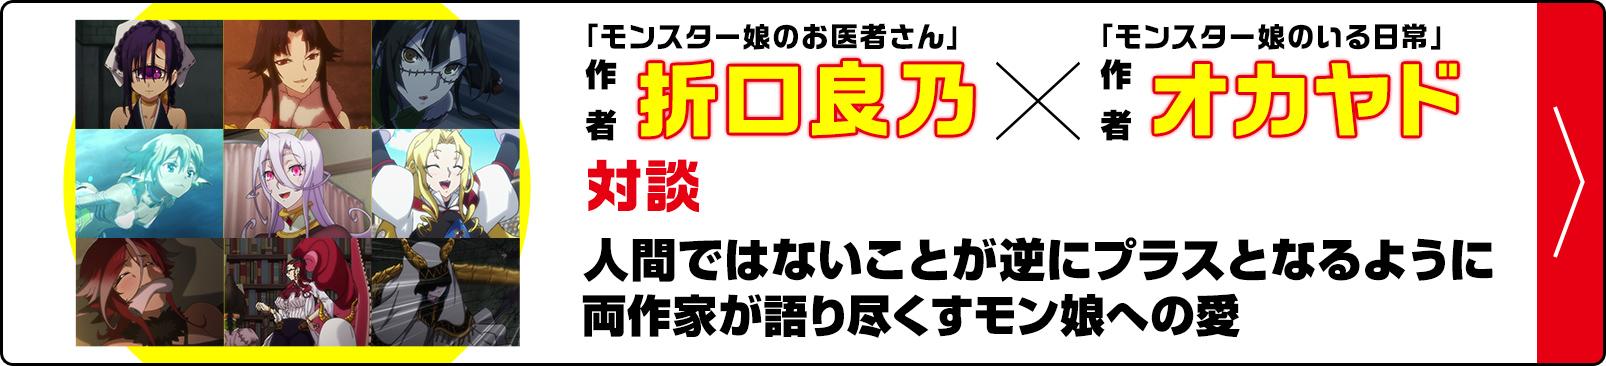 「モンスター娘のお医者さん」作者・折口良乃×「モンスター娘のいる日常」作者・オカヤド対談 人間ではないことが逆にプラスとなるように 両作家が語り尽くすモン娘への愛